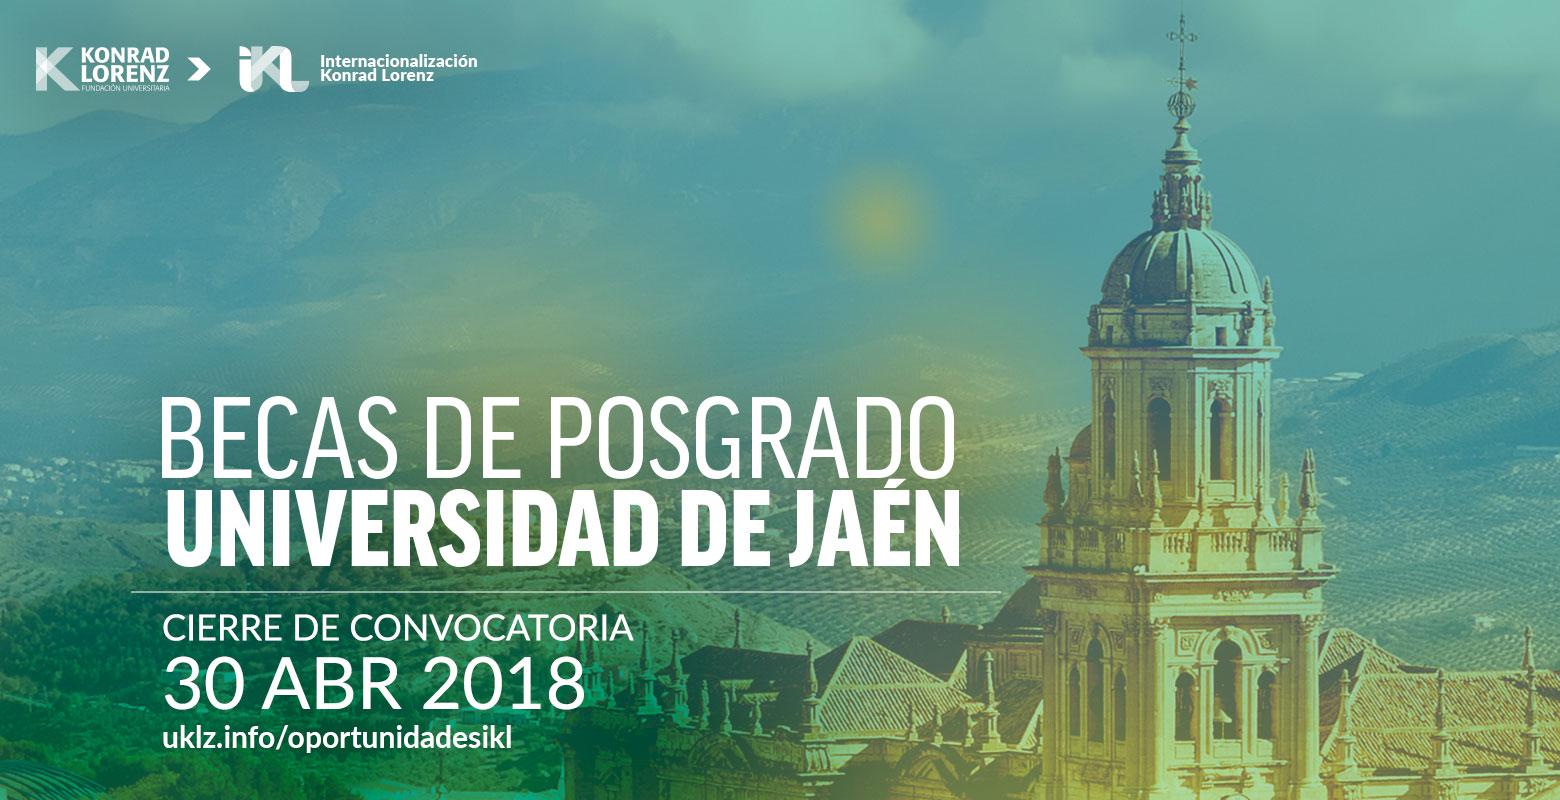 Becas para Posgrados en la Universidad de Jaén